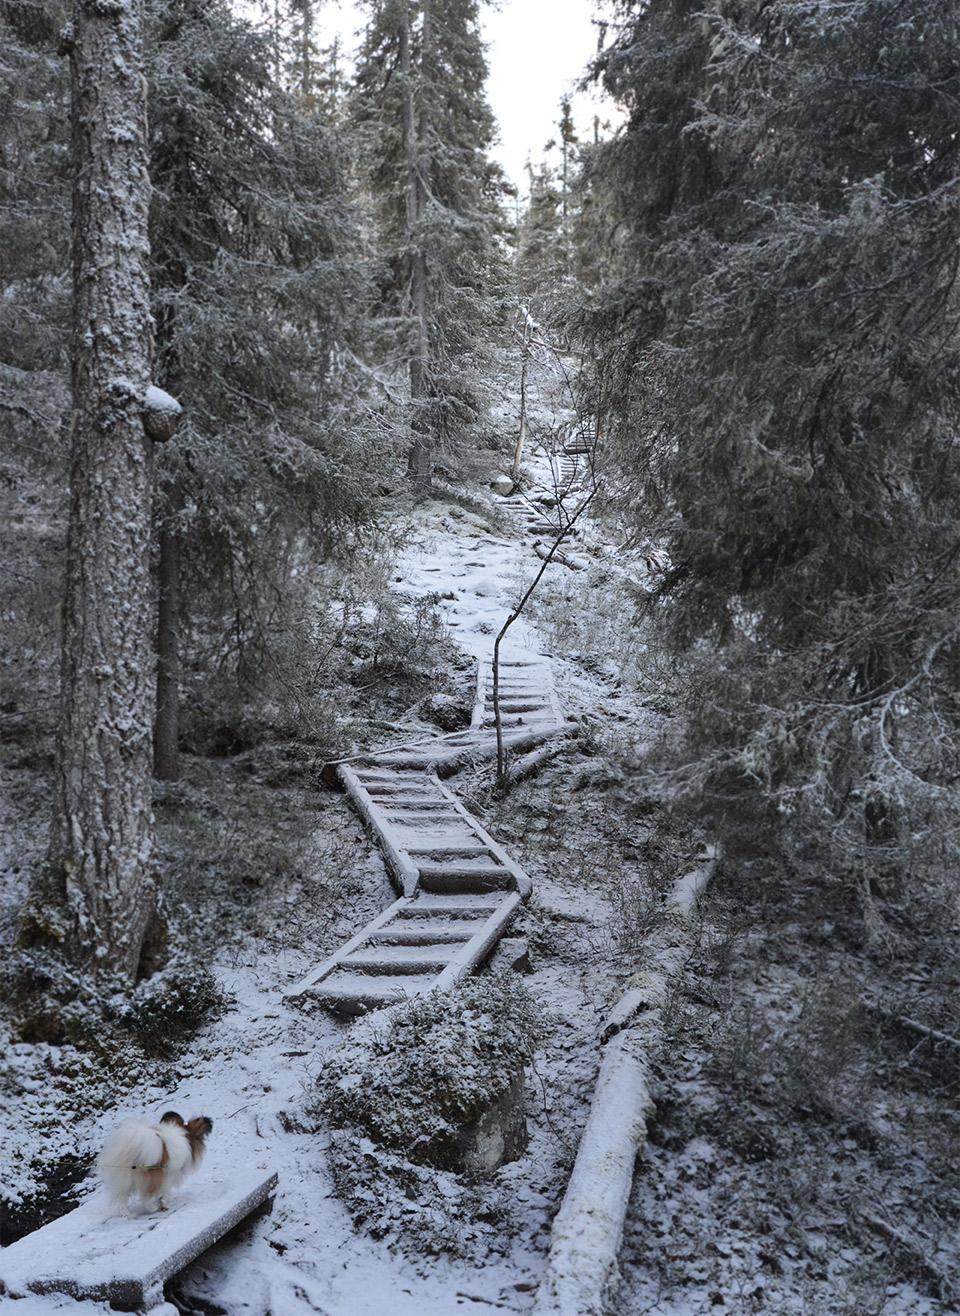 Jyrkät portaat kohti Valtavaaraa